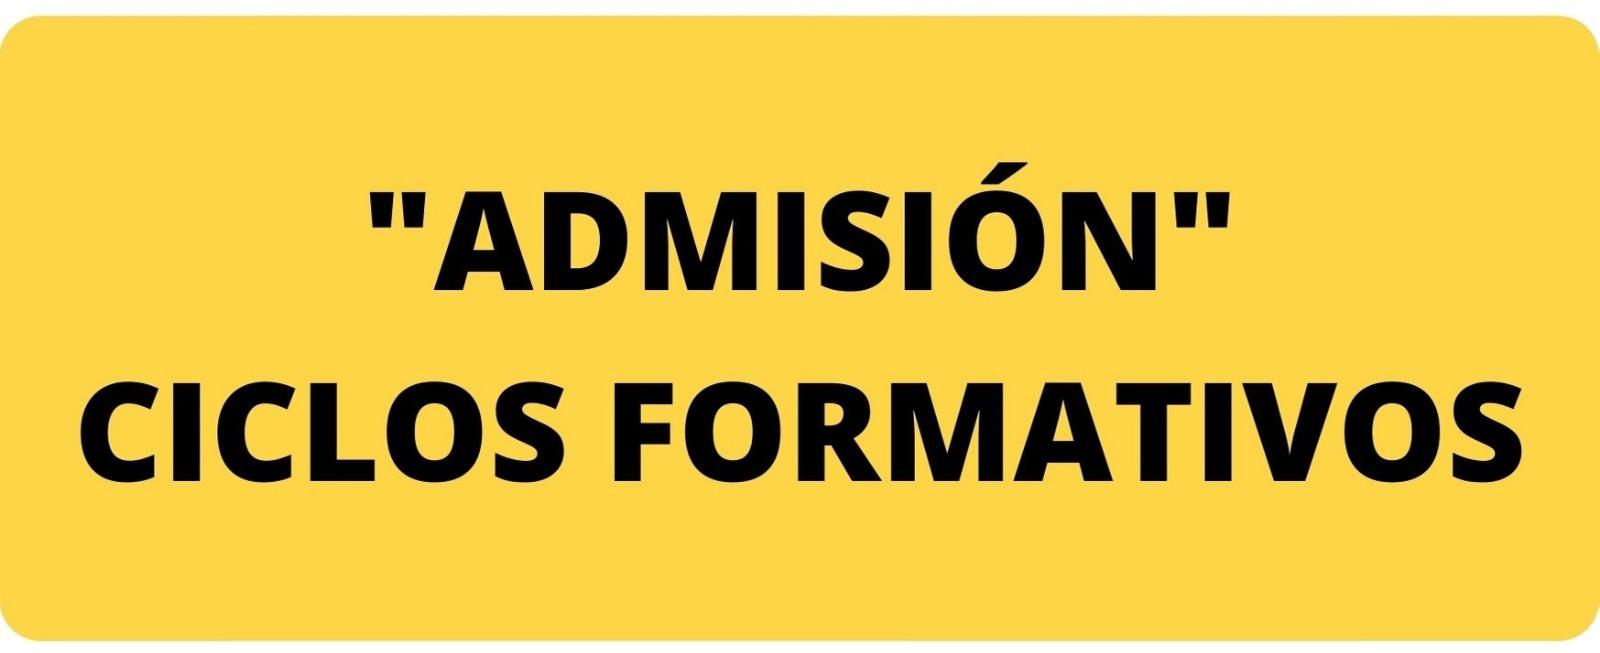 admision ciclos formativos